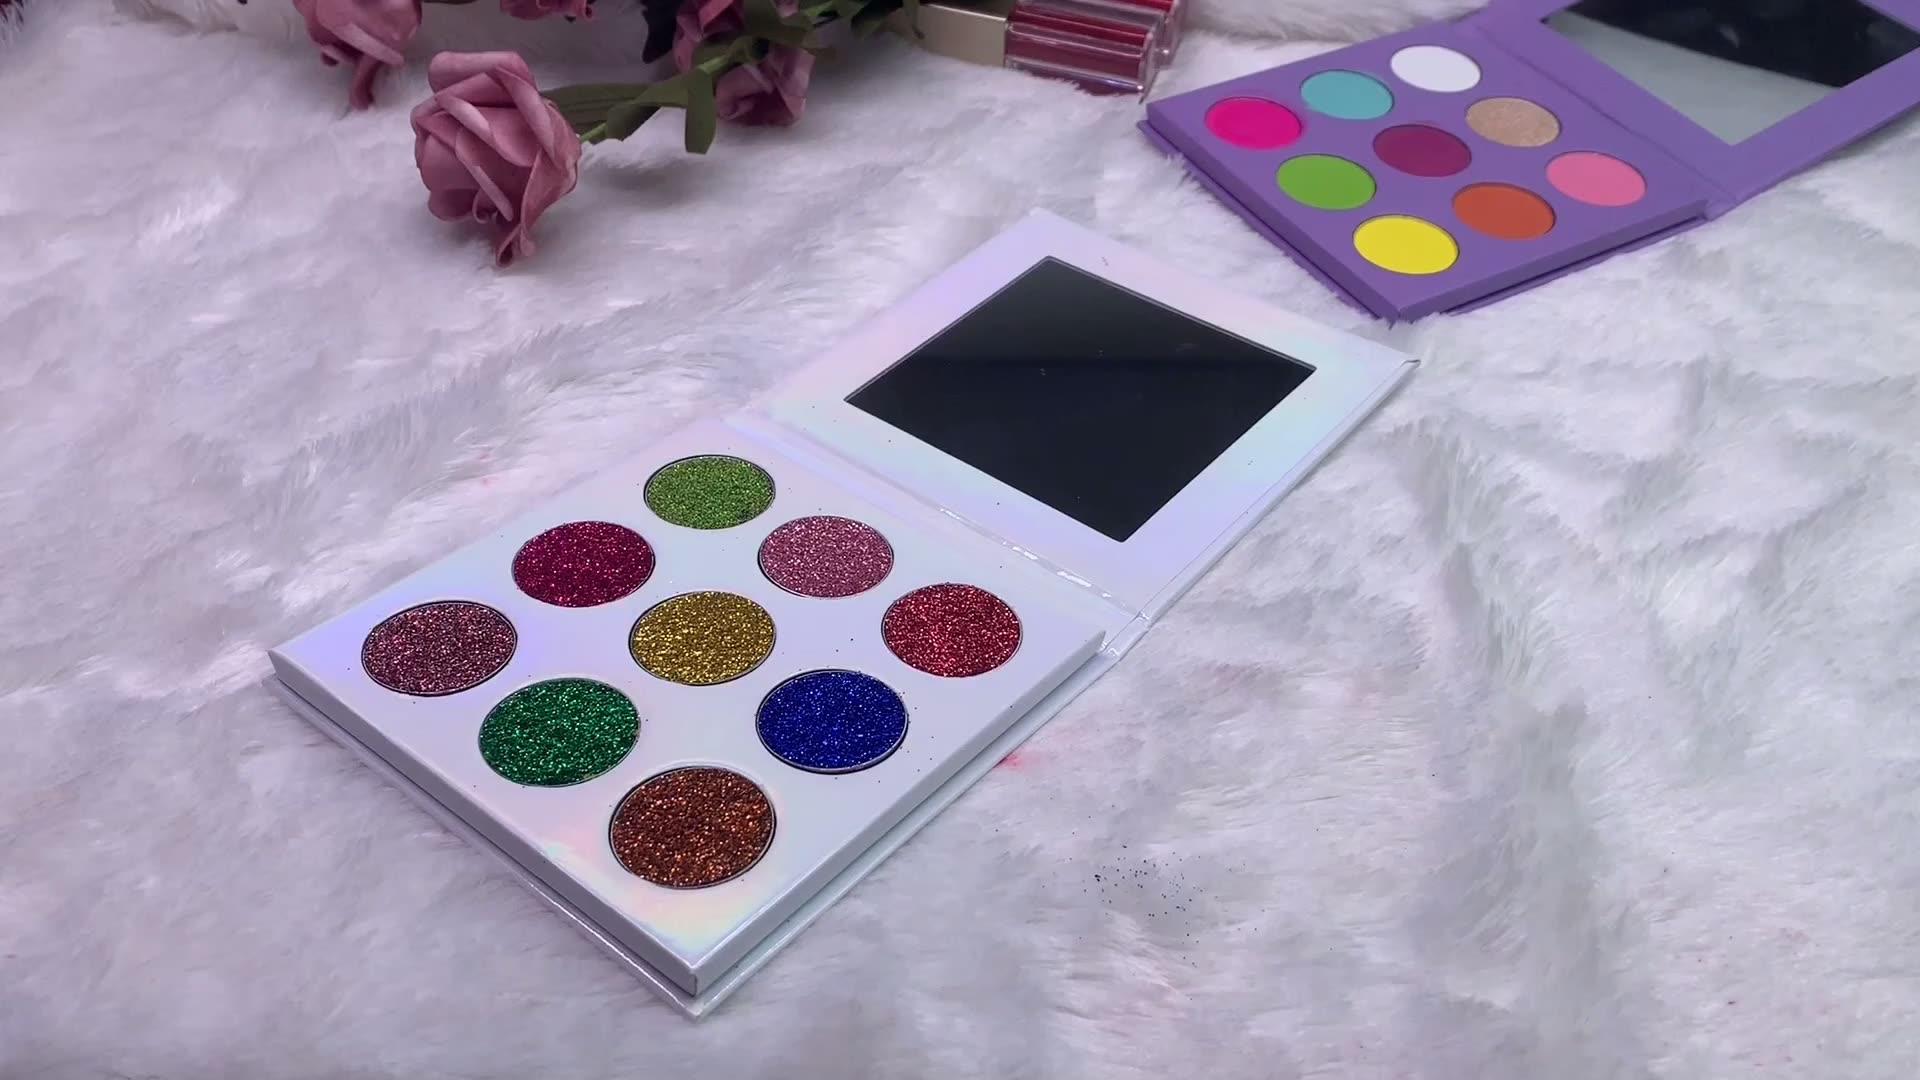 9 रंग निजी लेबल आंखों के छायाएं पैलेट कस्टम आंखों के छायाएं पैलेट निजी लेबल